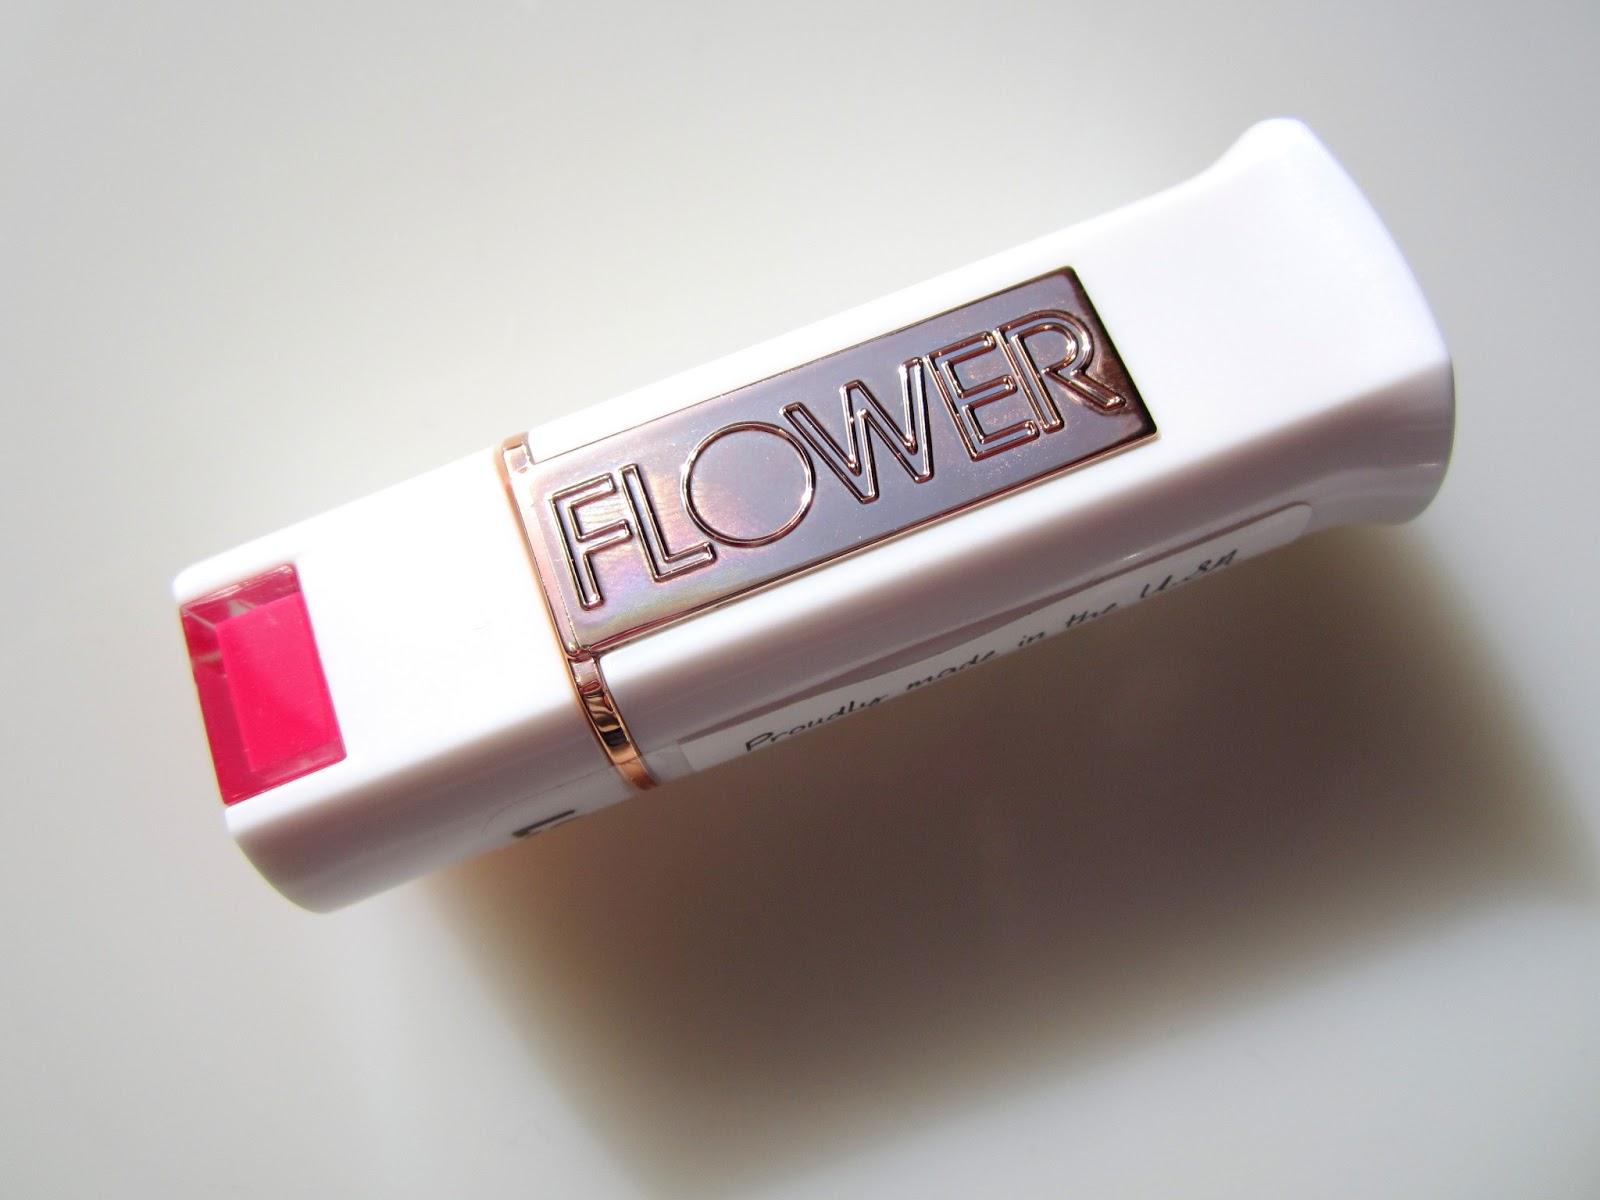 Eating Lipstick Flower Beauty Kiss Stick Velvet Lip Color